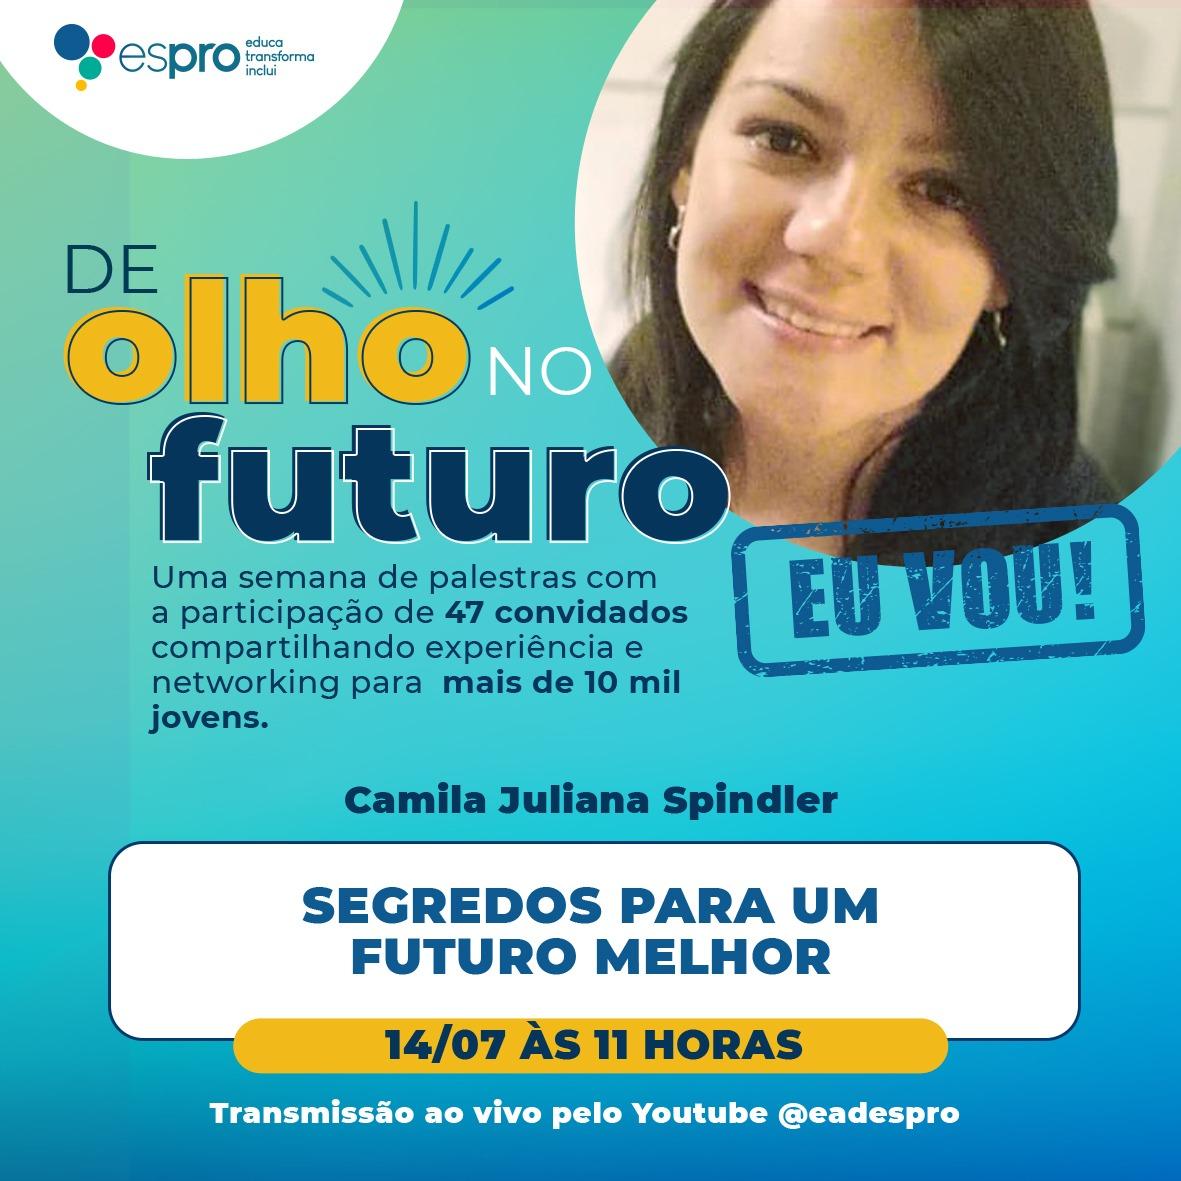 SEGREDOS PARA UM FUTURO MELHOR